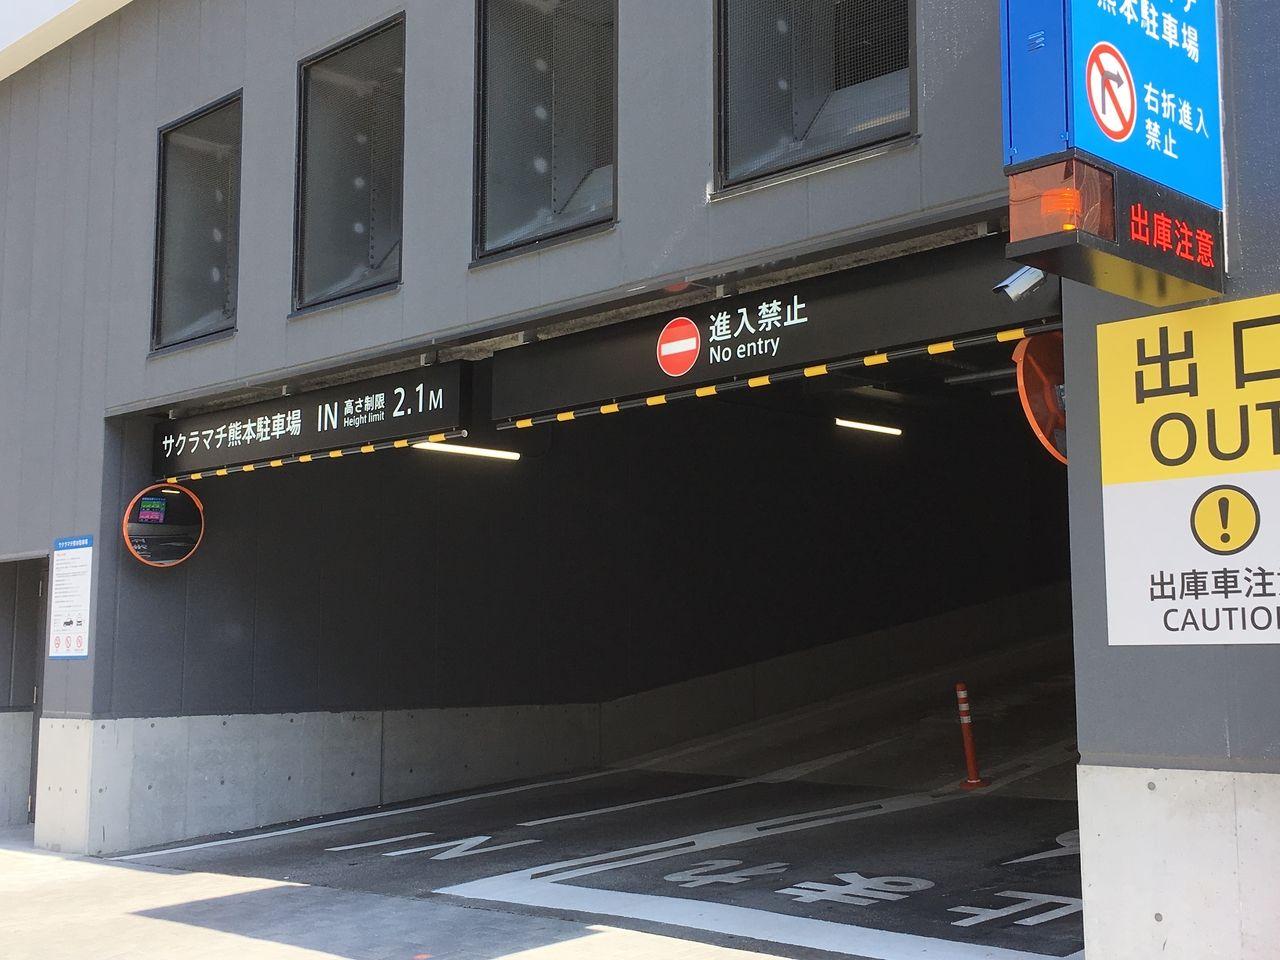 サクラマチ クマモト駐車場入口と出口